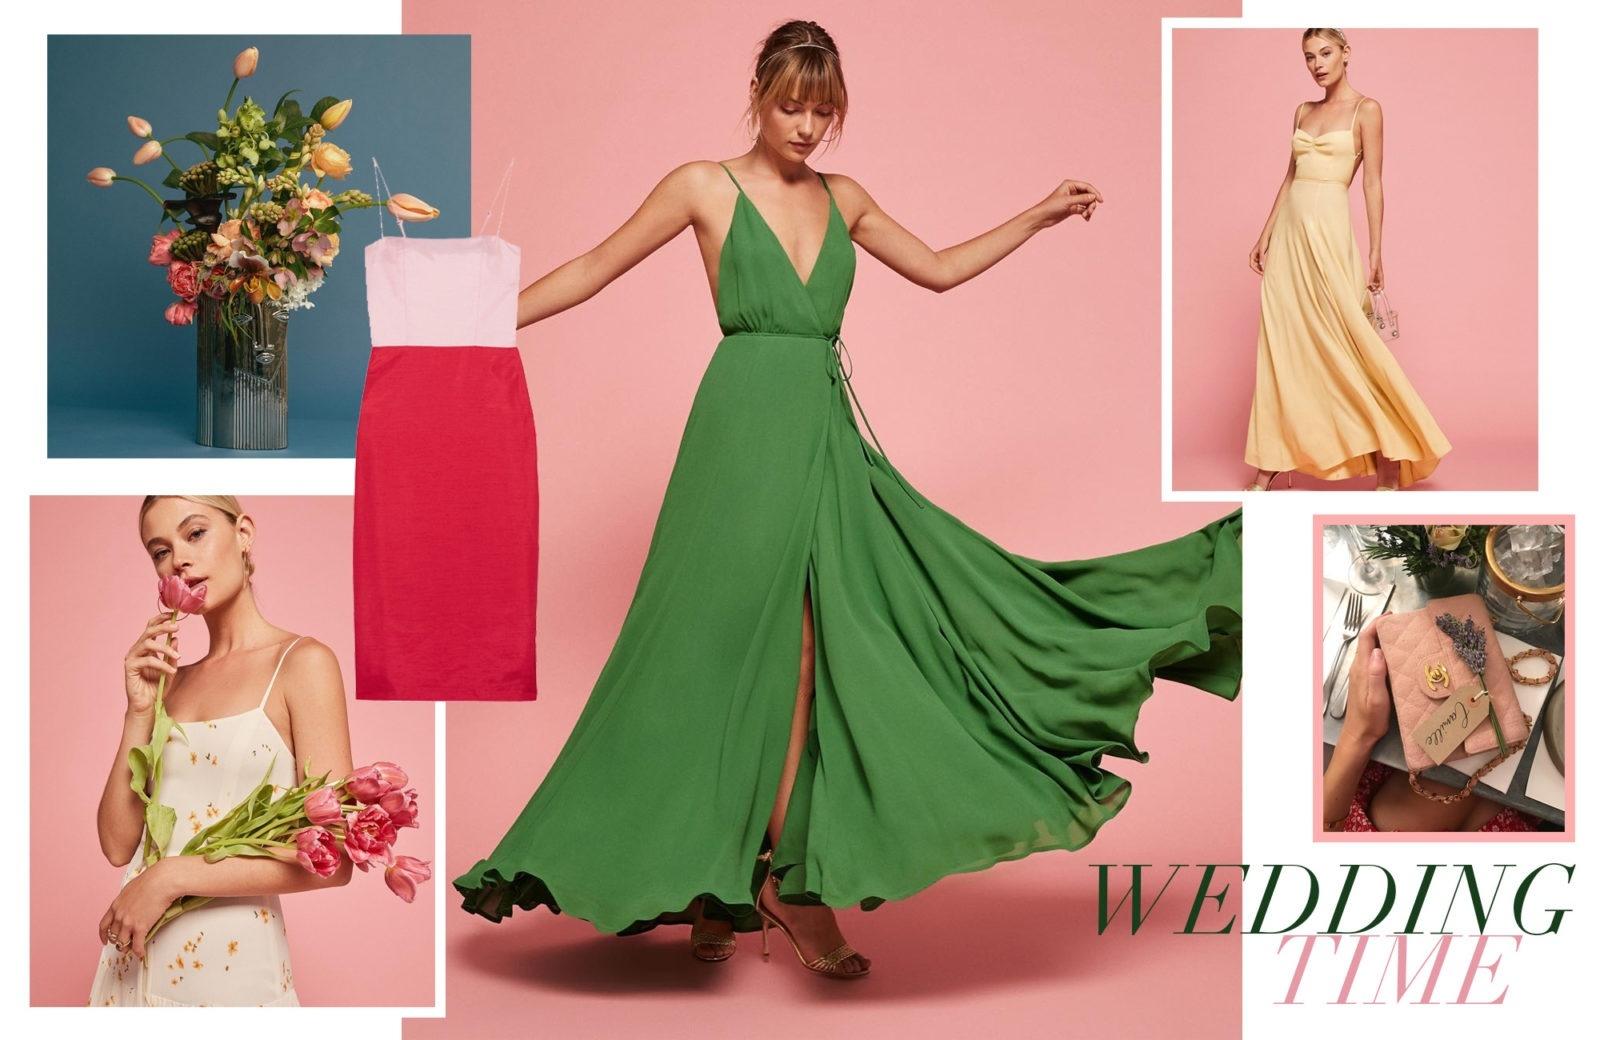 15 Luxurius Schöne Kleider Für Hochzeit Bester Preis13 Genial Schöne Kleider Für Hochzeit Design